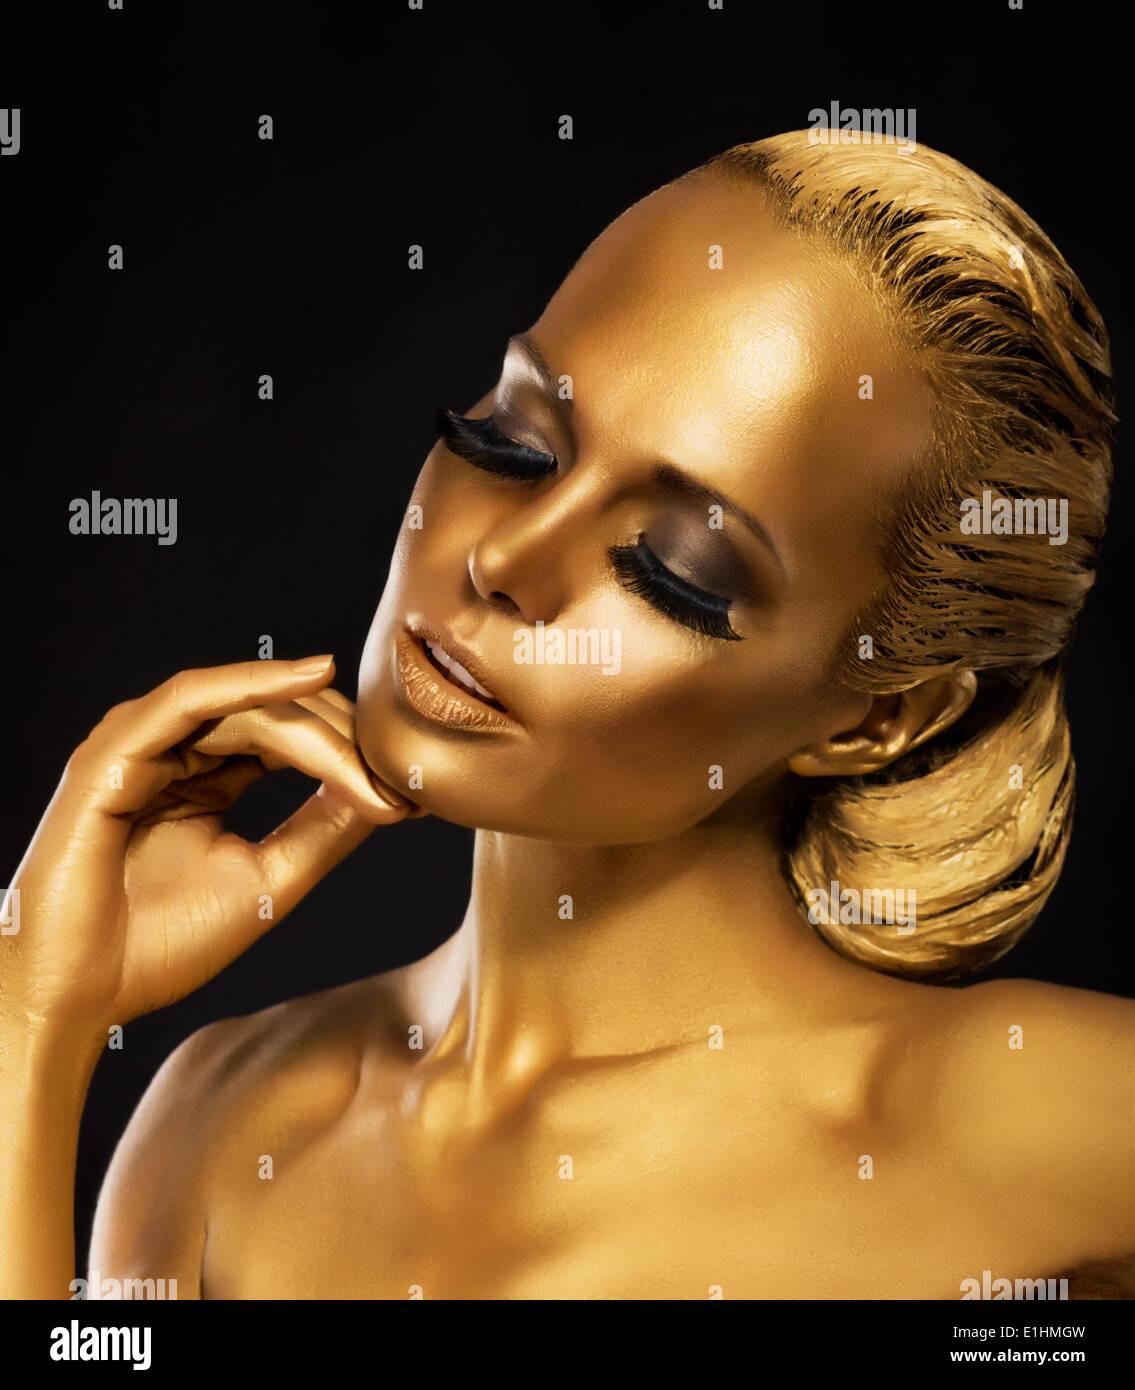 Bühne. Theater. Luxuriöse Frau in ihren Träumen. Goldene Farbe. Schmuck Stockbild